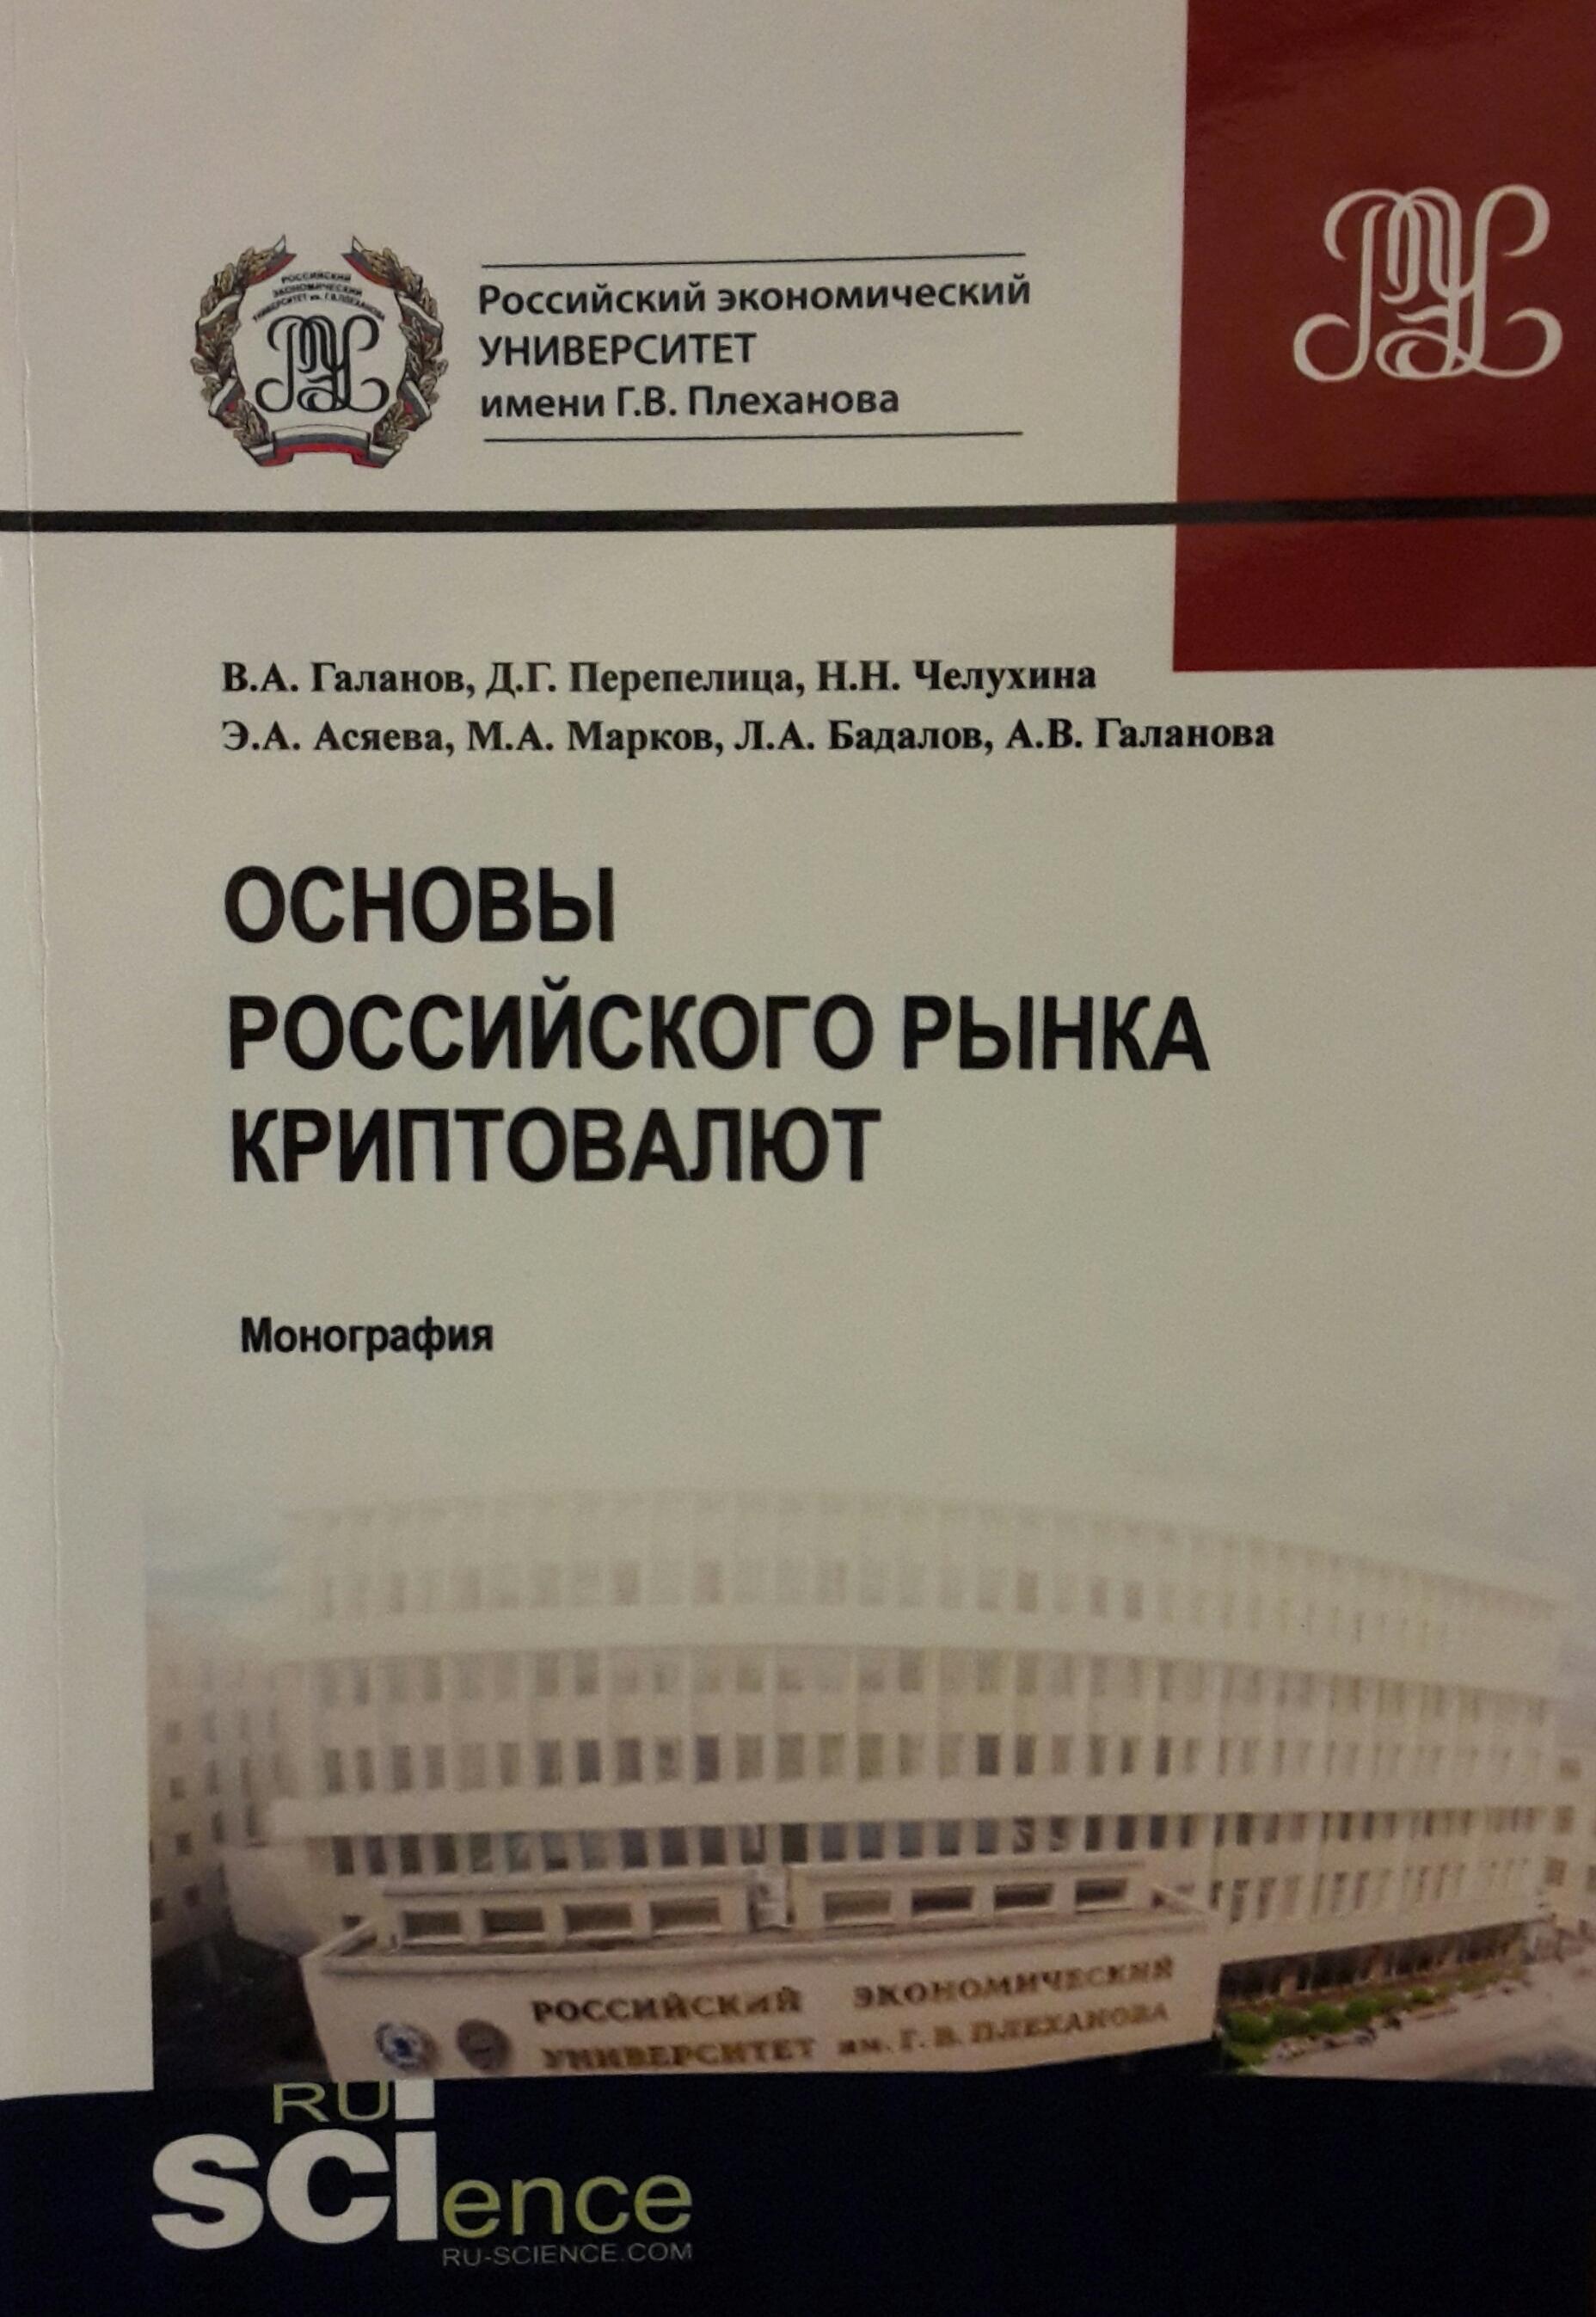 Основы российского рынка криптовалют: монография